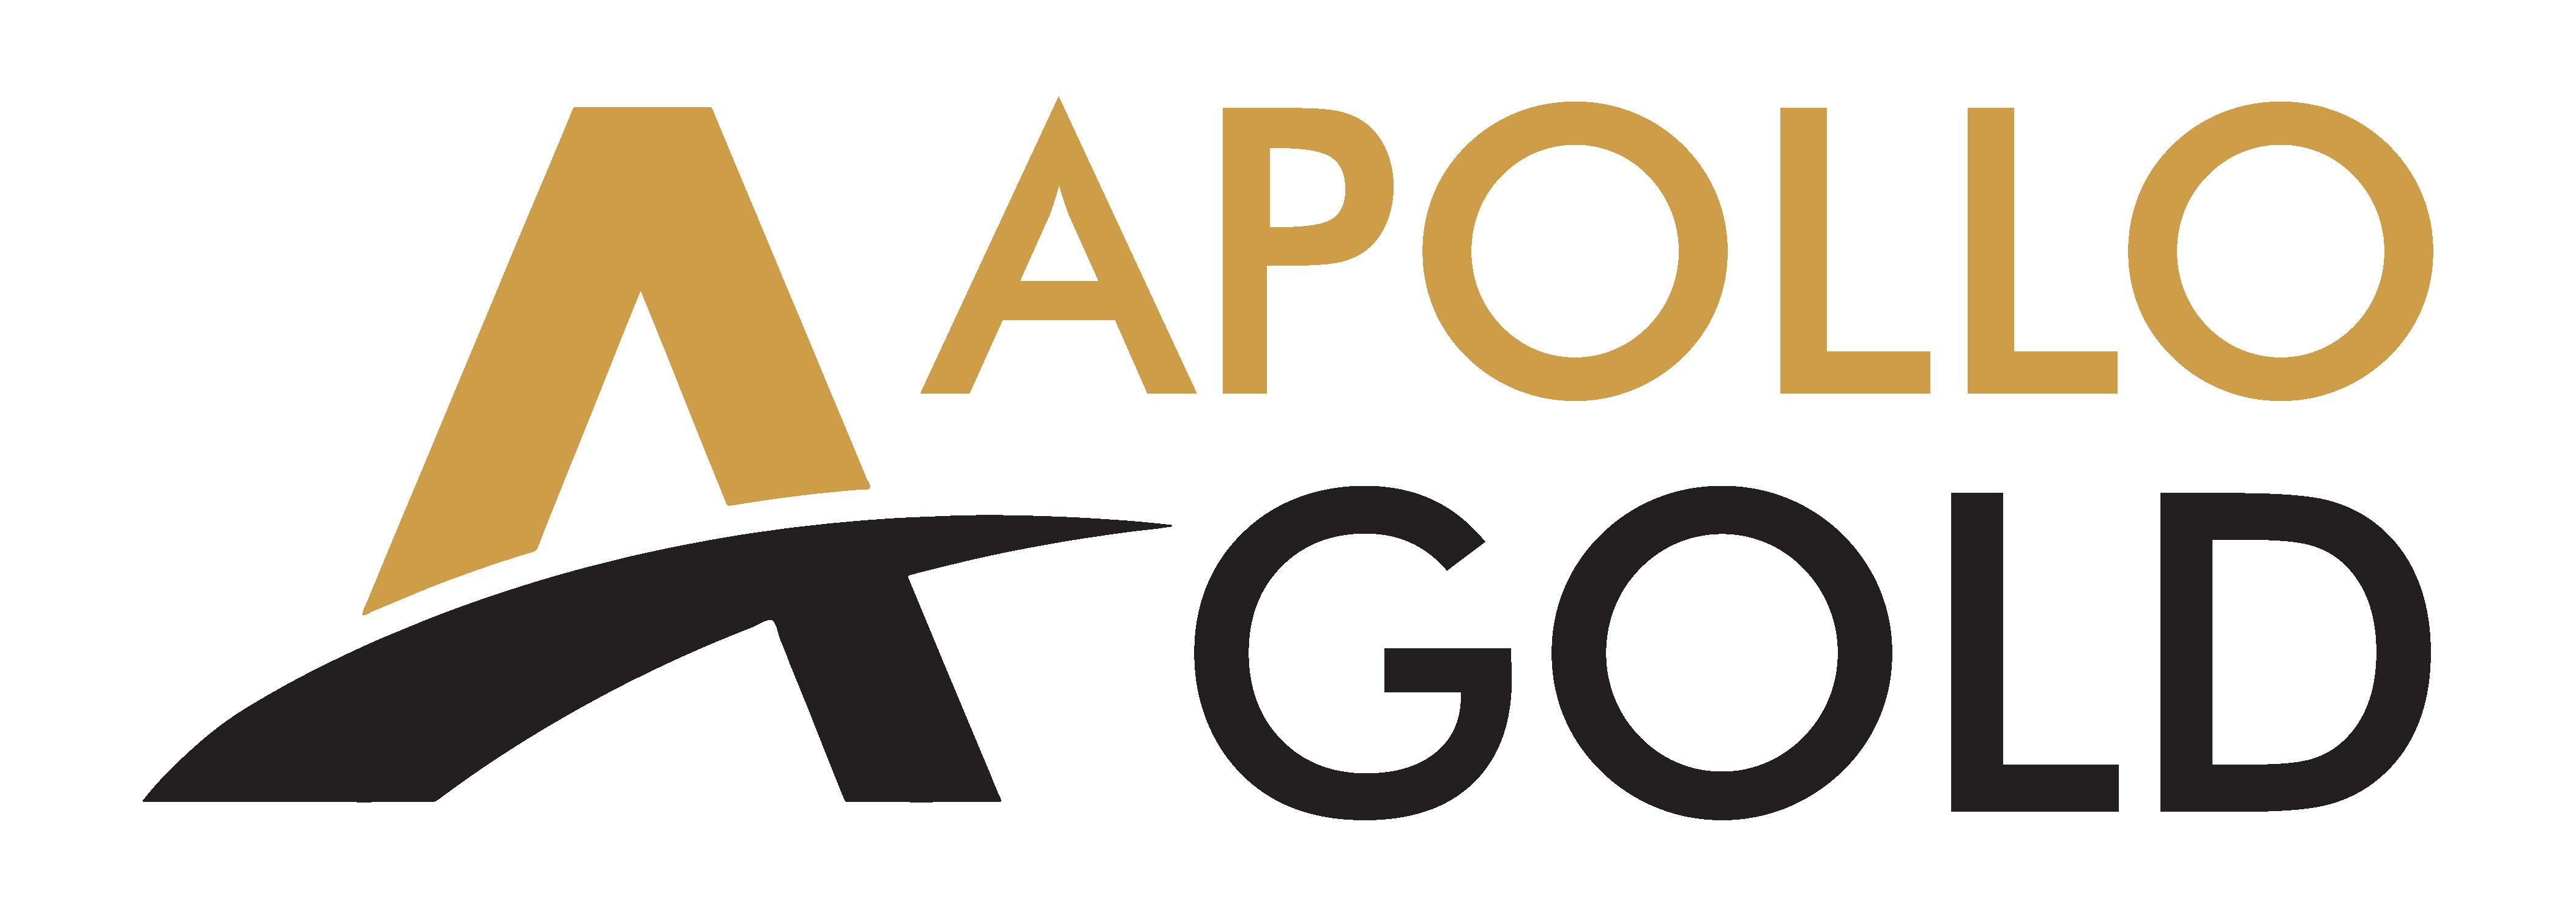 Apollo Gold Corp